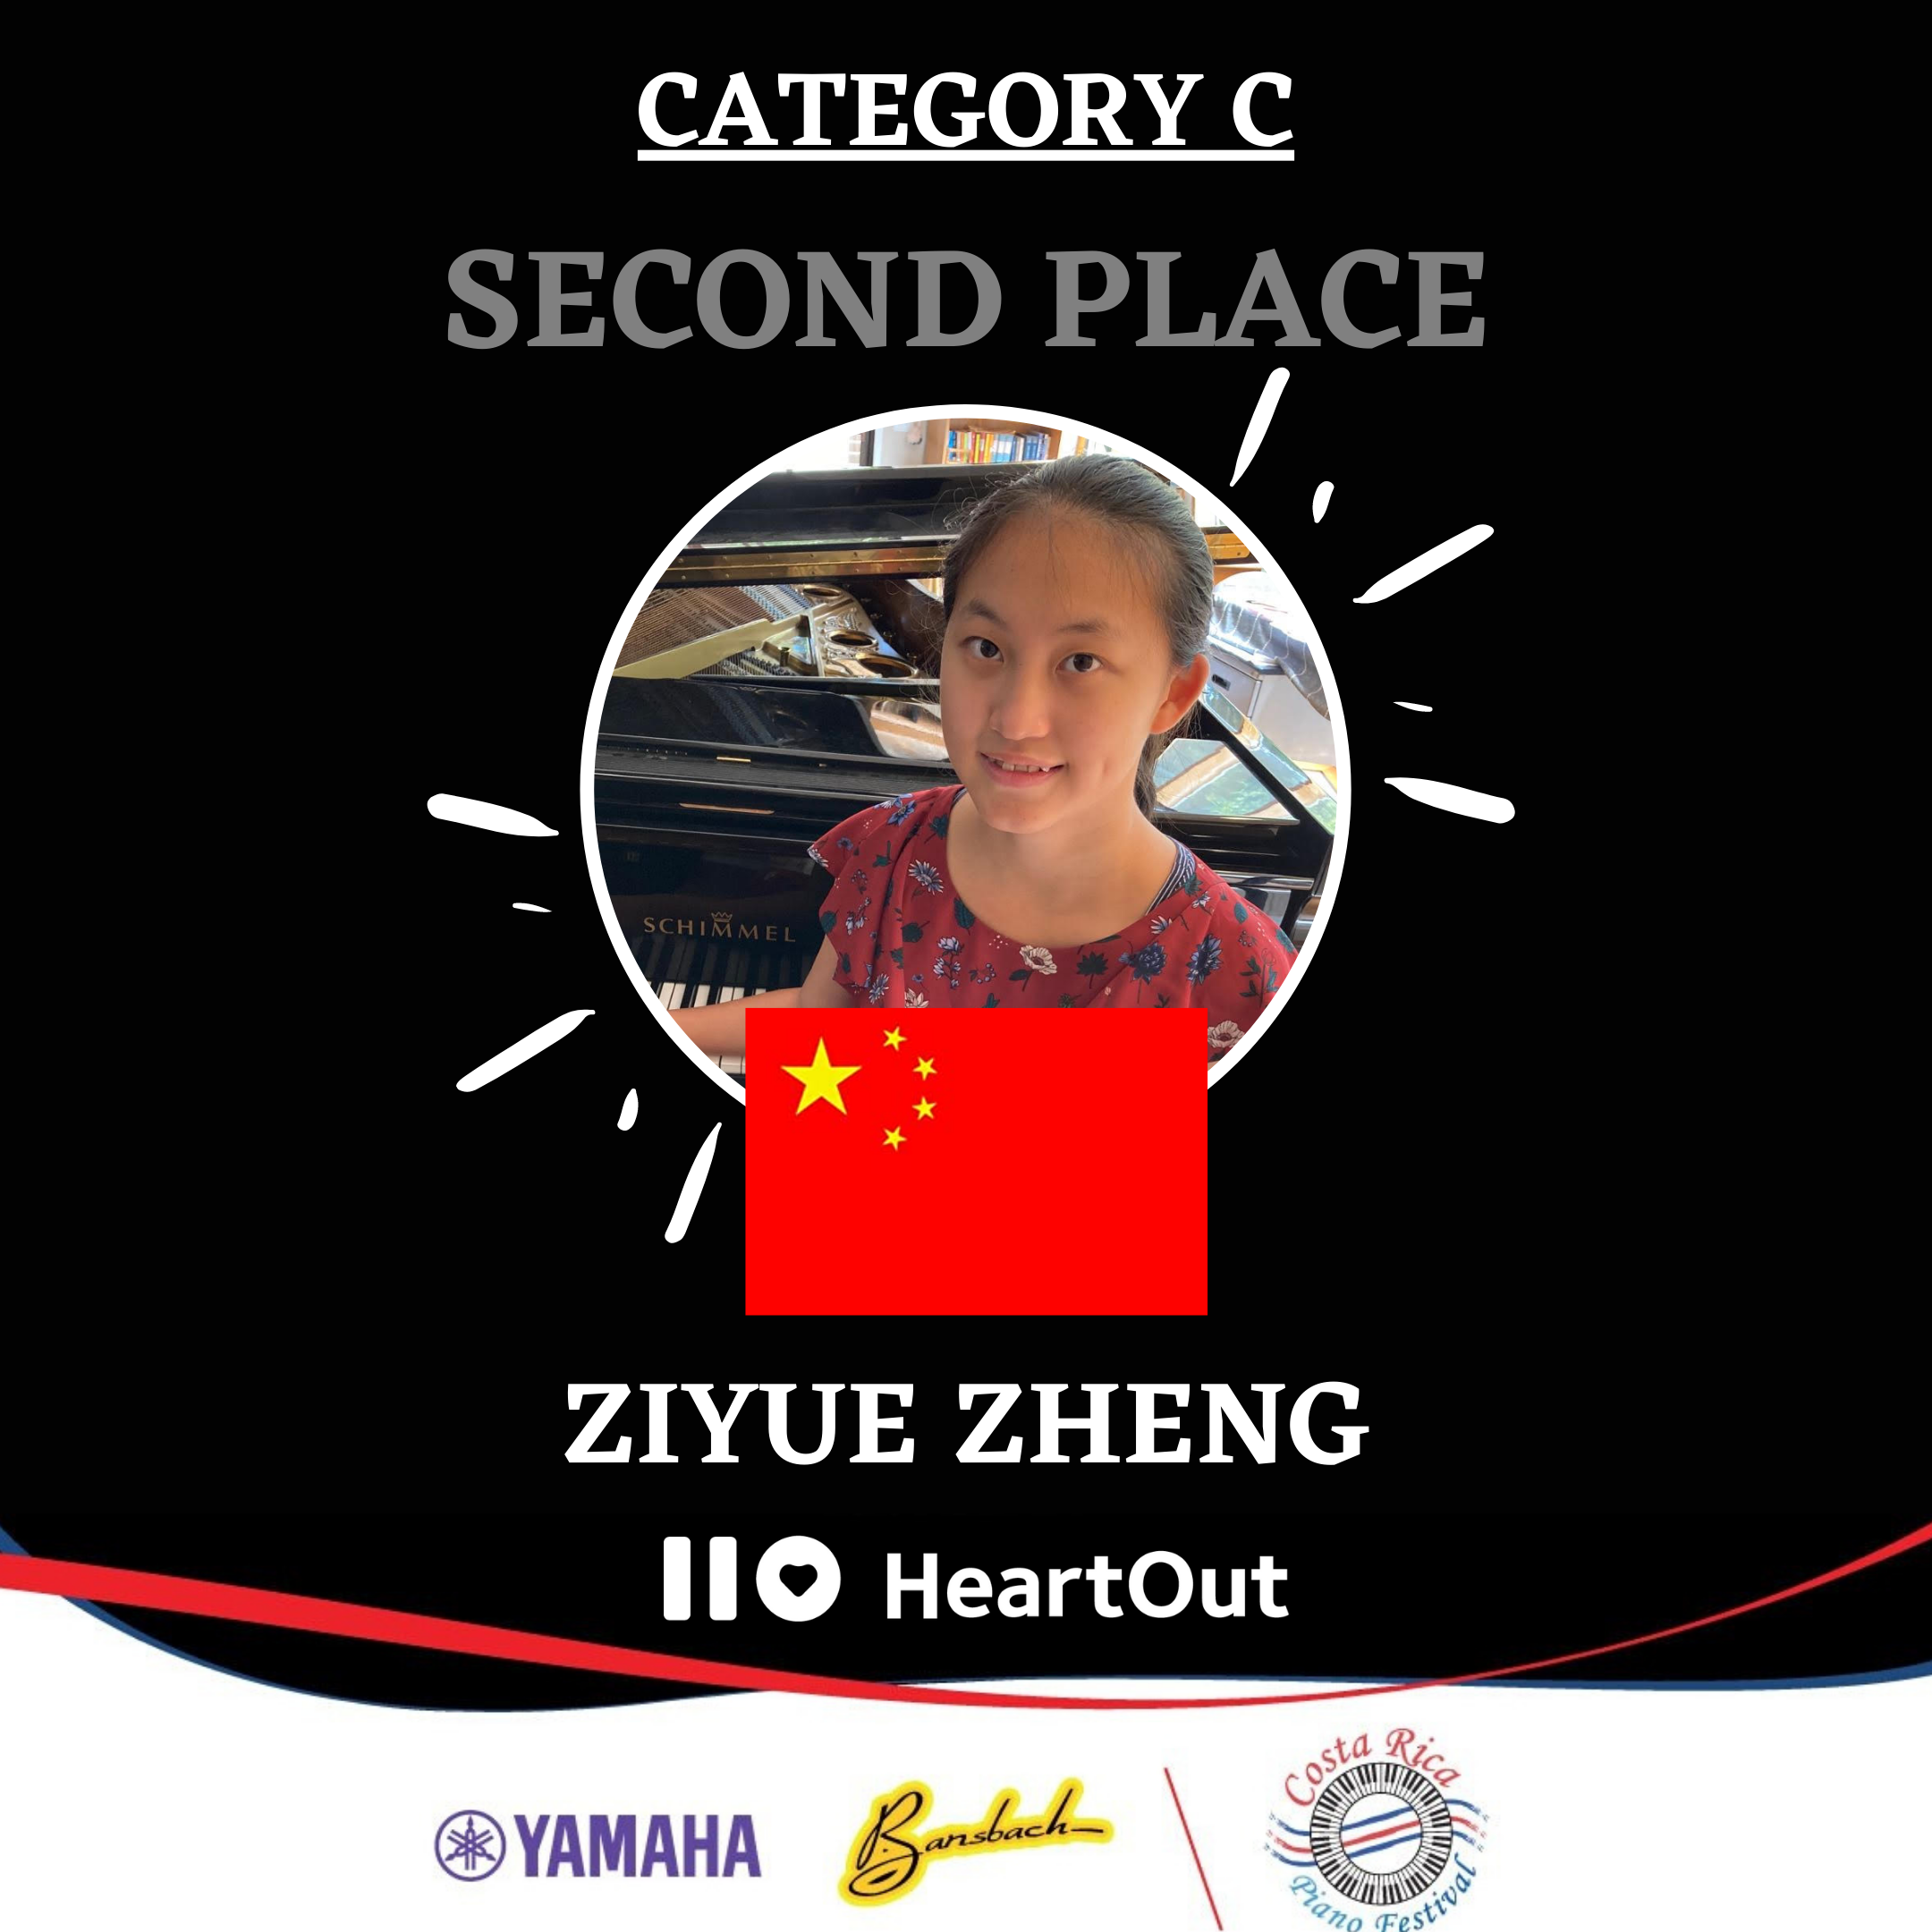 CRPF Ziyue Zheng